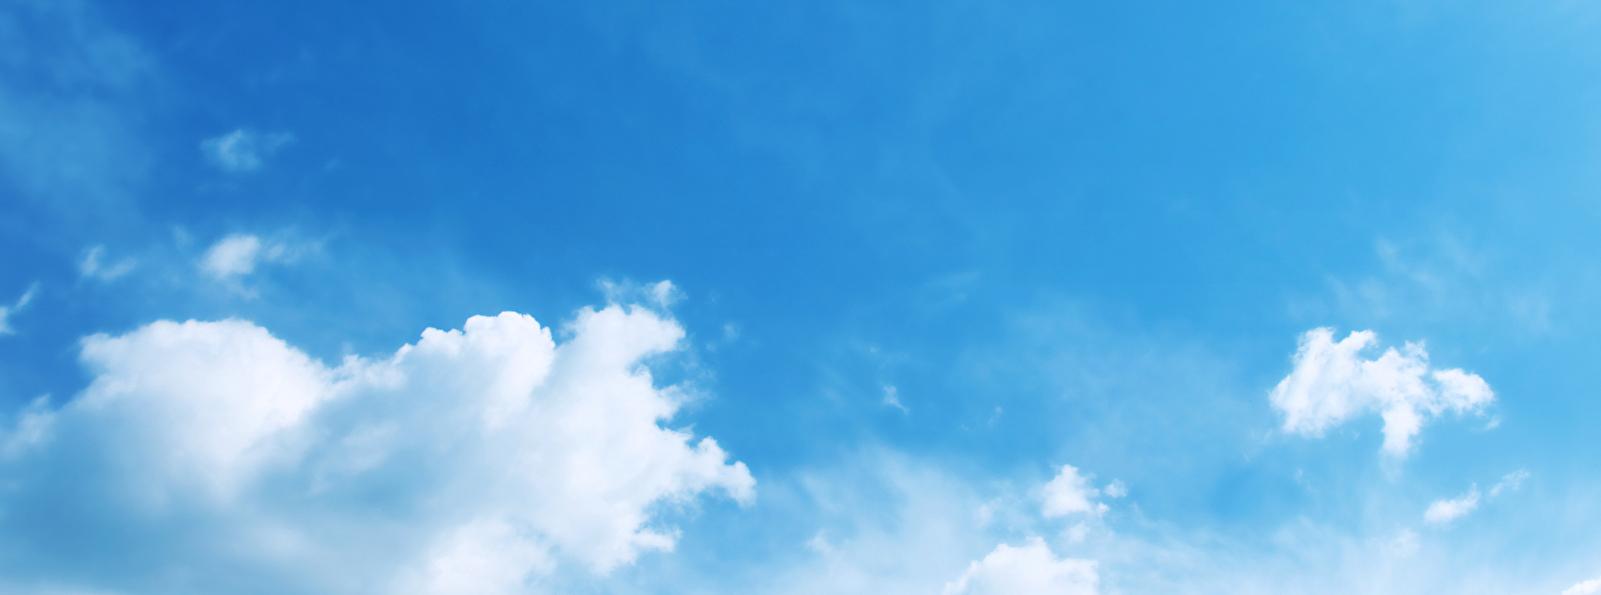 Bild zum Thema Luft